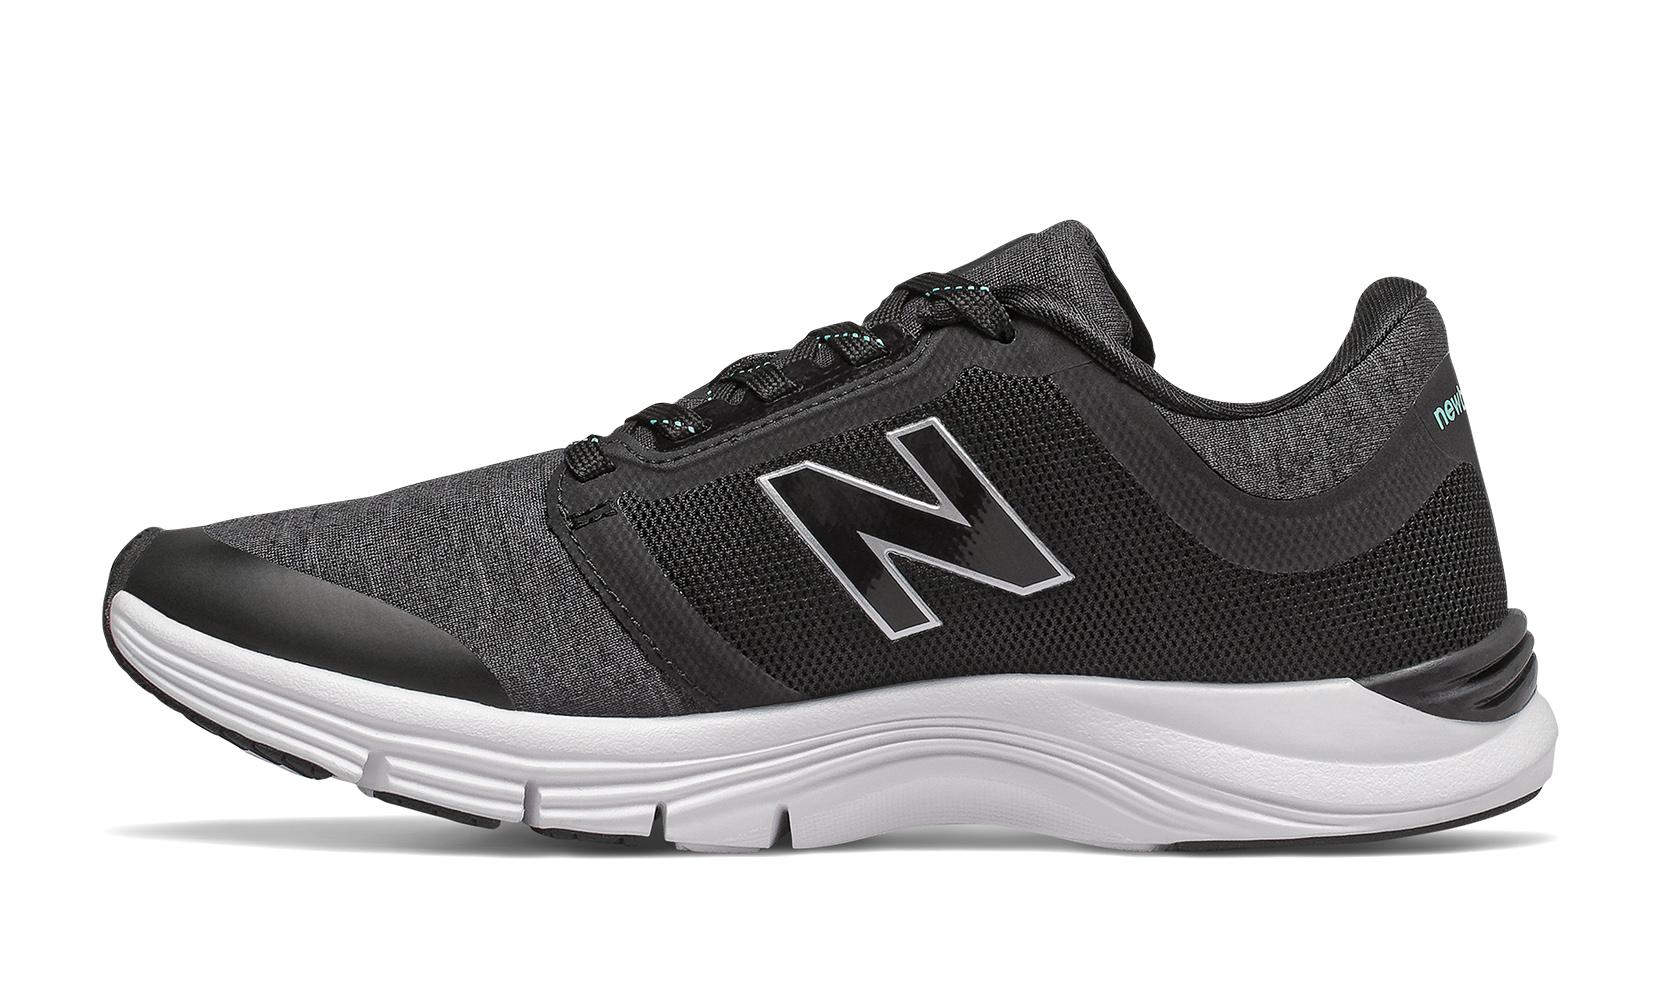 Жіноче взуття для тренувань Кросівки жін. 715 чорні WX715RE3 | New Balance